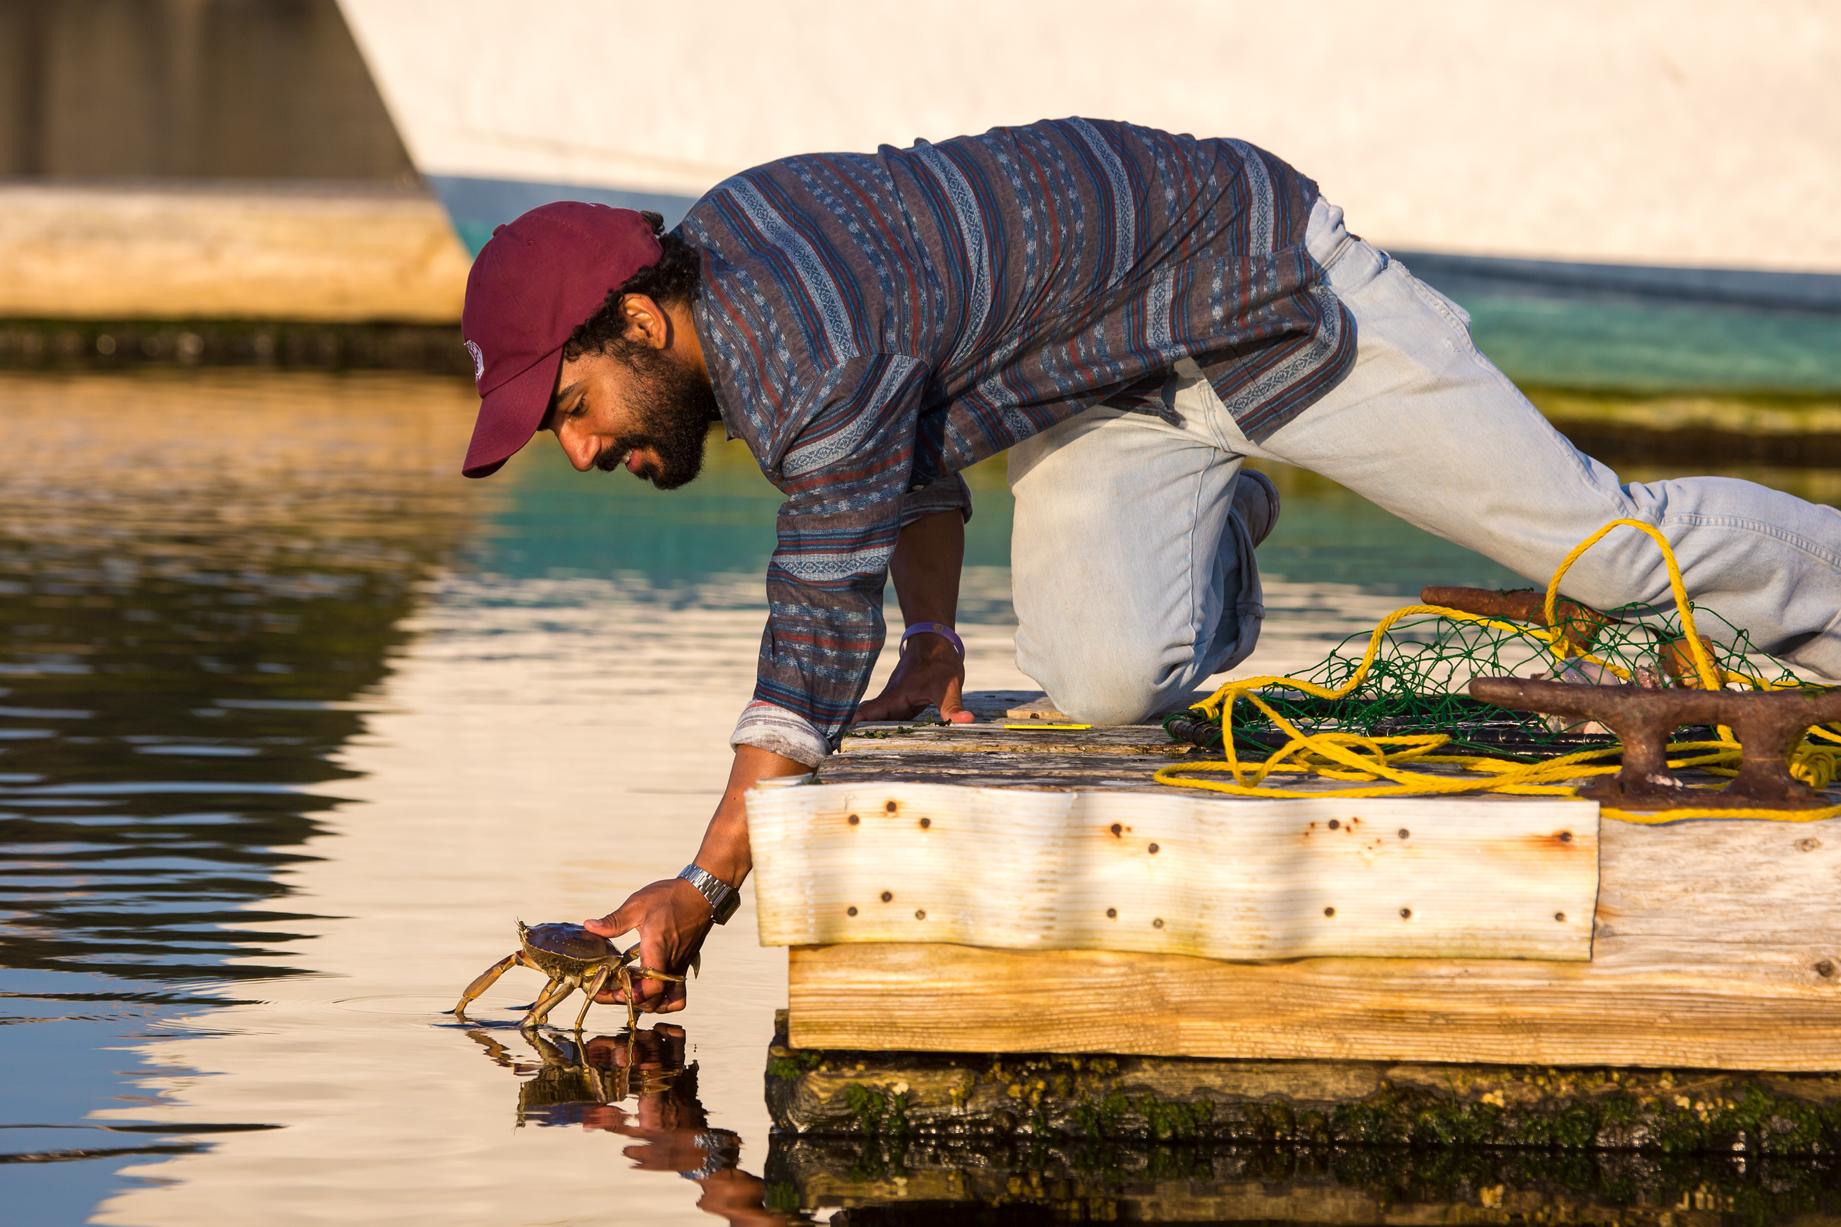 bandon_crabbing_001.tif.jpg